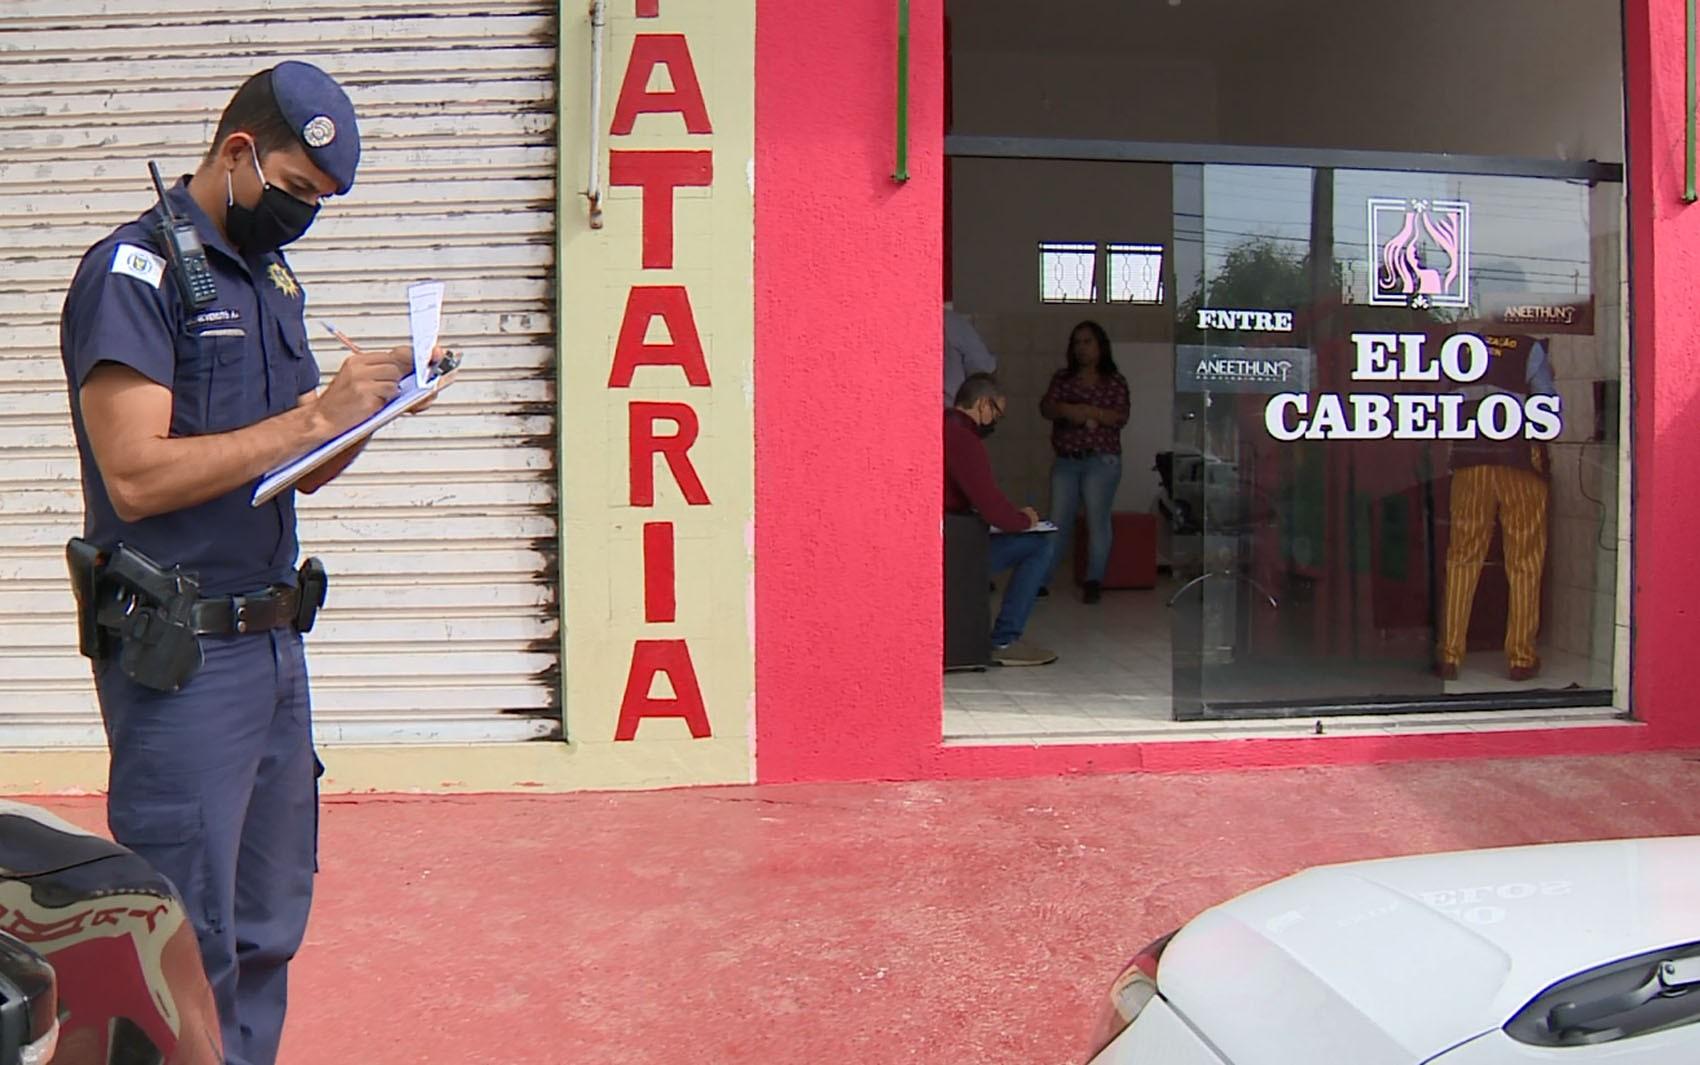 Coronavírus: agentes da prefeitura fazem blitz e fecham comércios não essenciais em Campinas